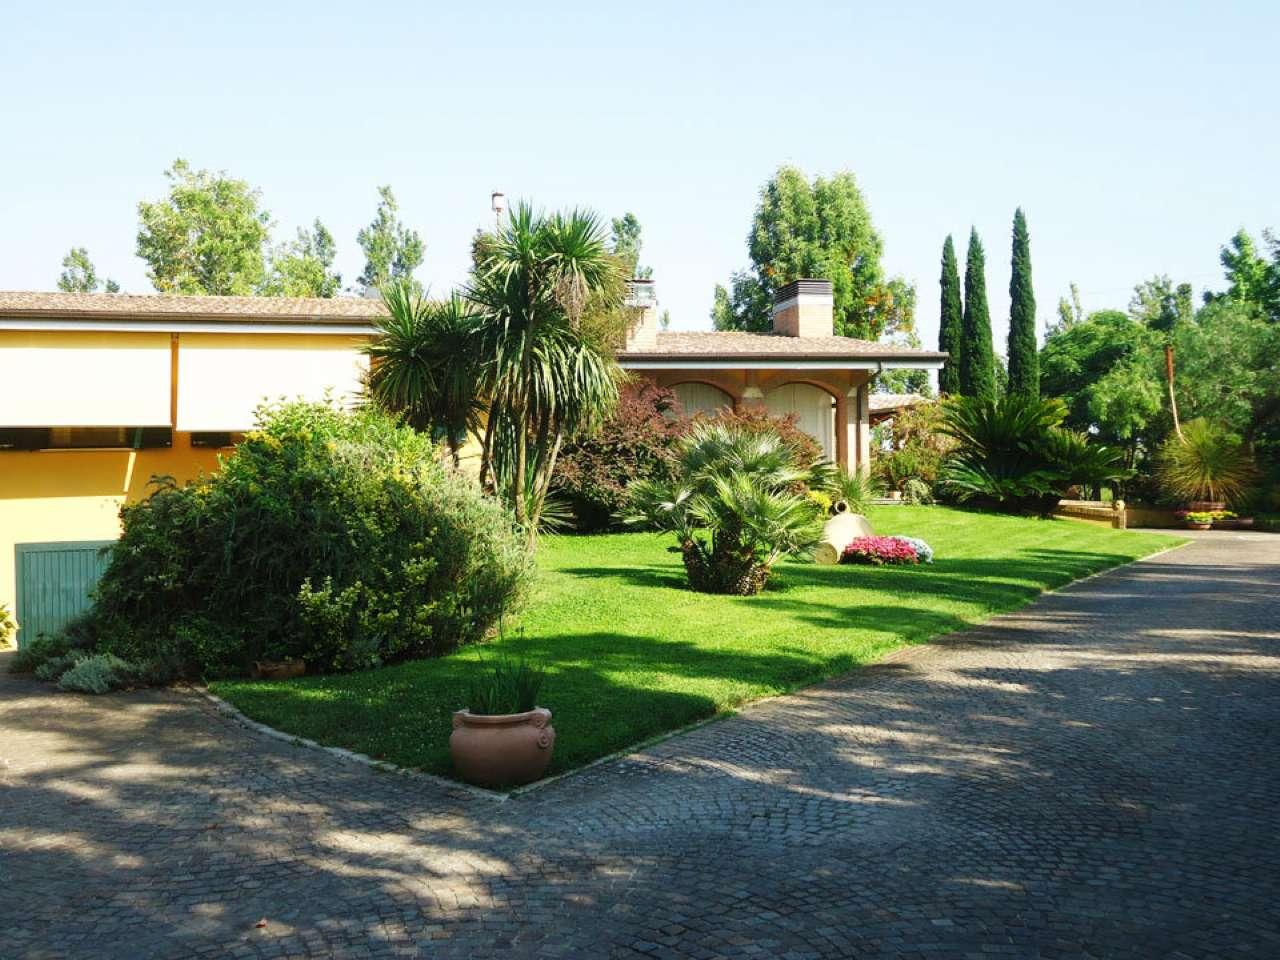 Villa bifamiliare in vendita a Latina (LT)